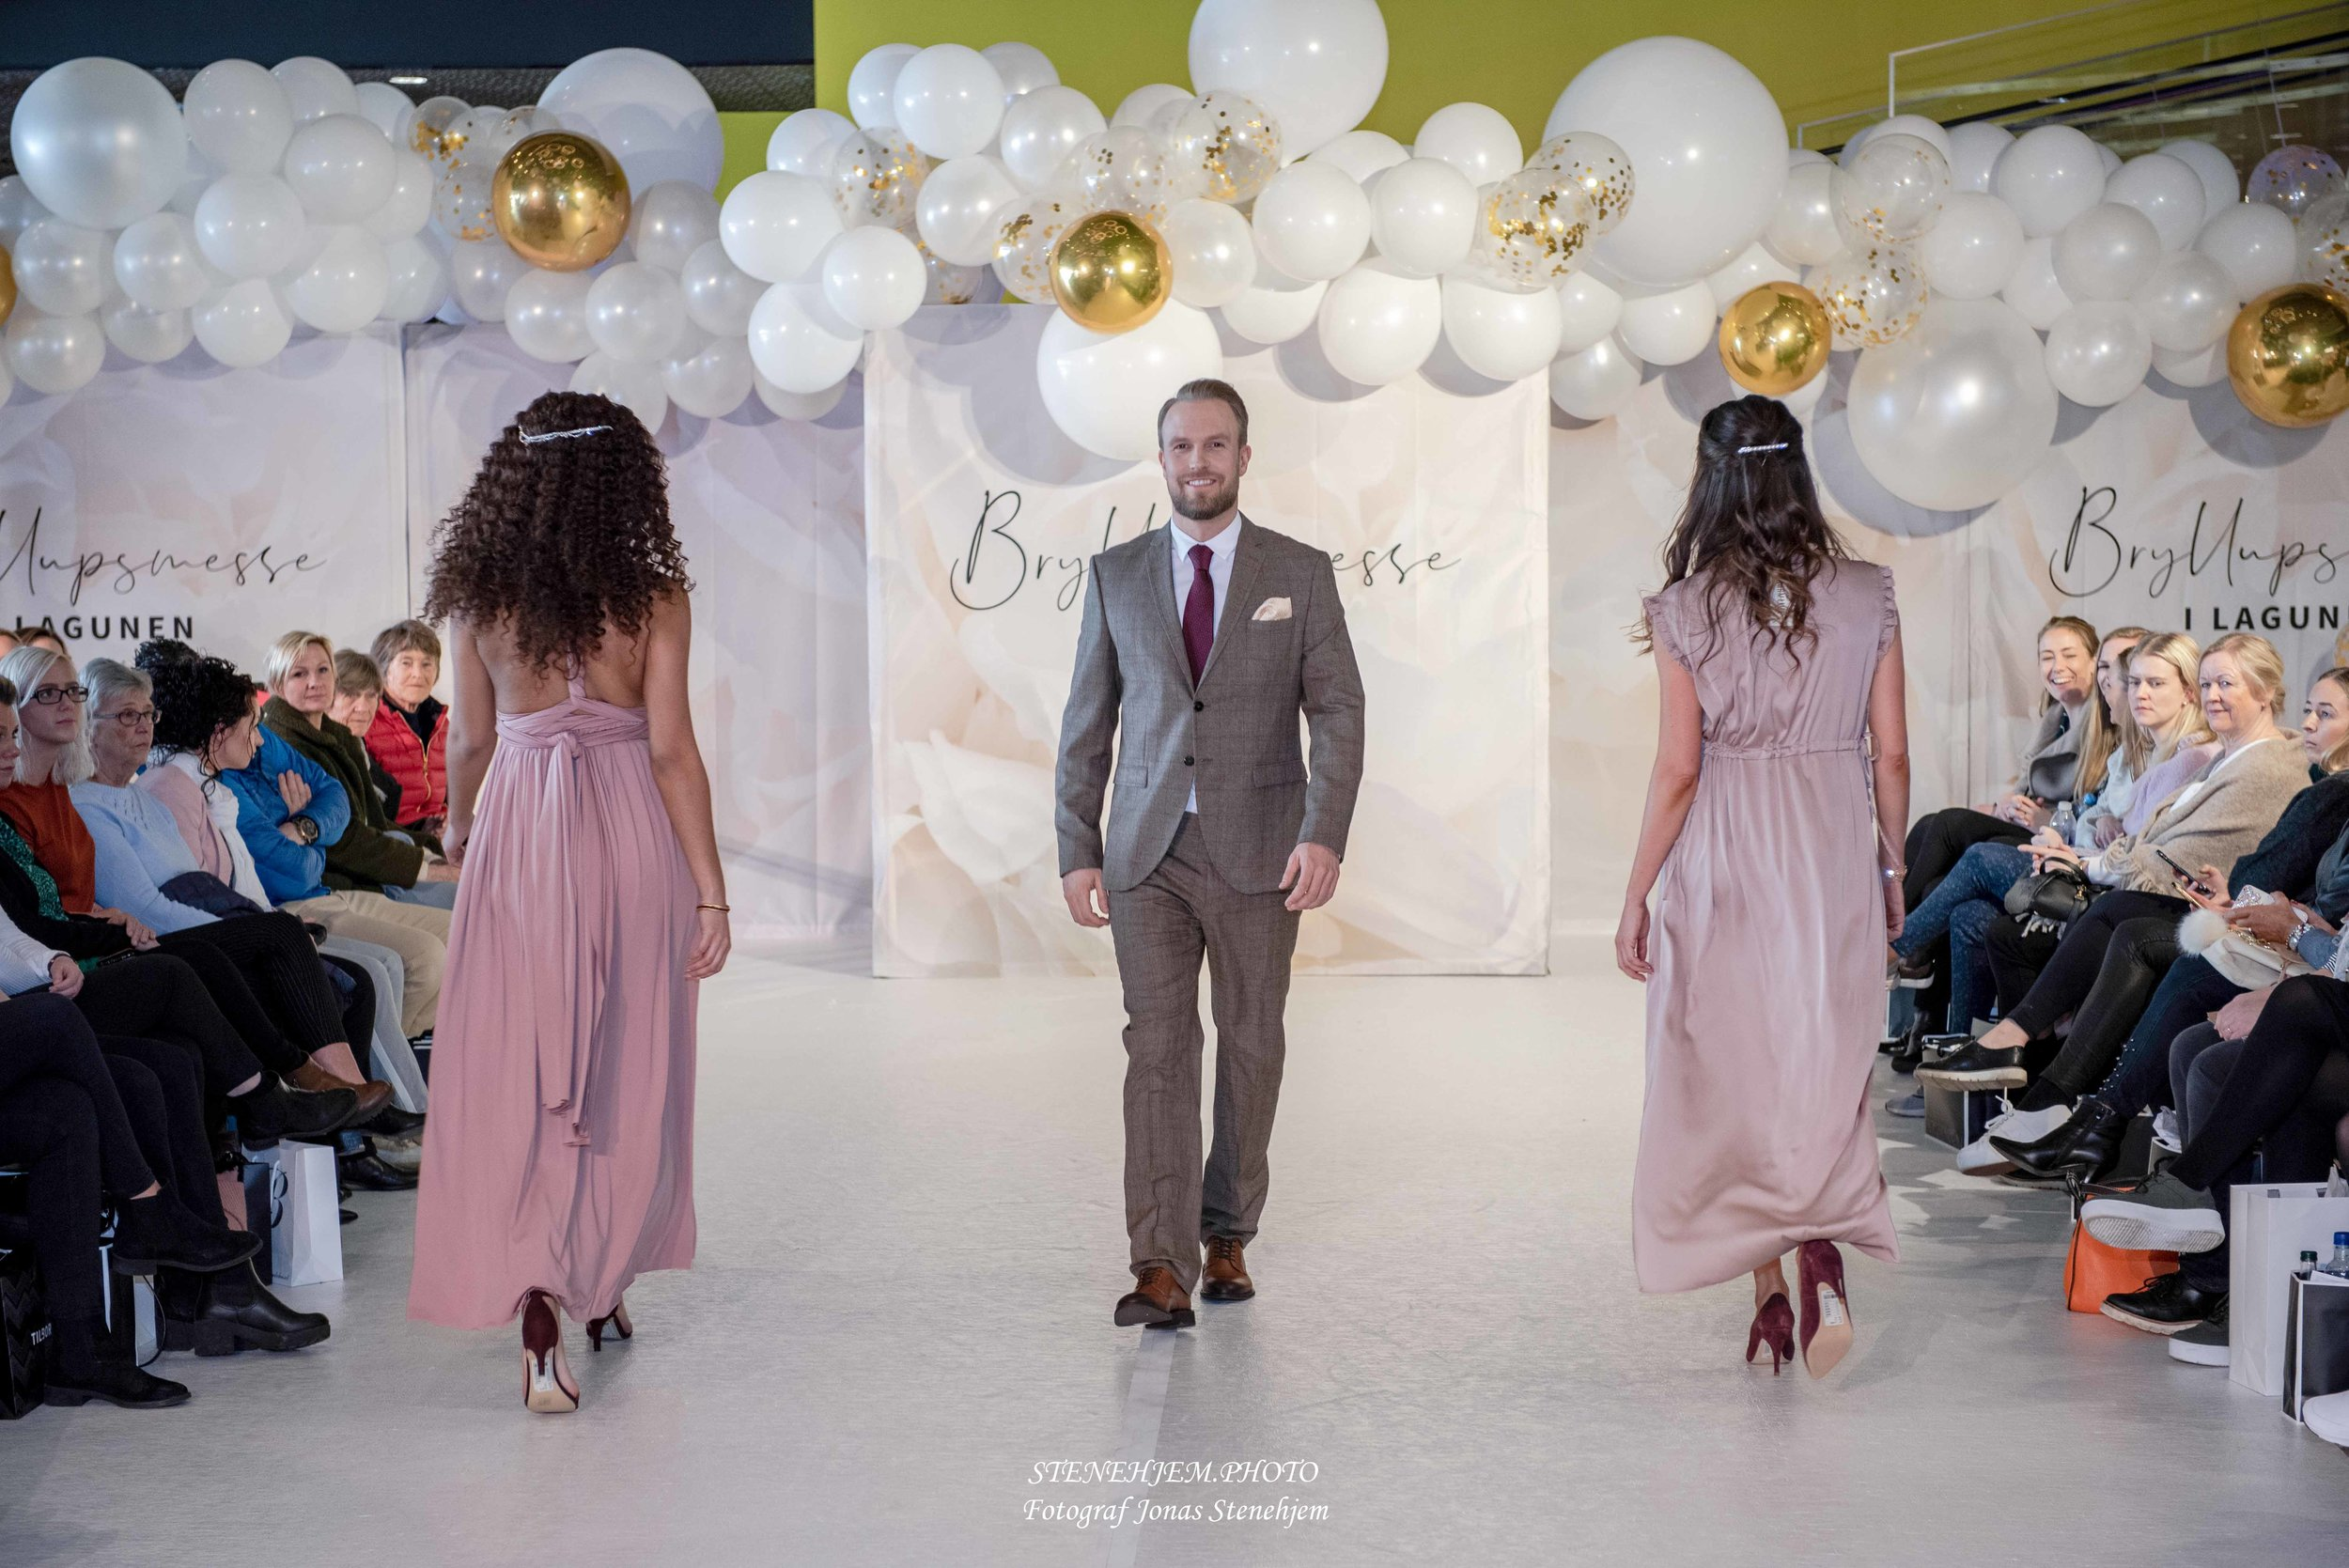 lagunen_fashion_mittaltweddingfair__007.jpg